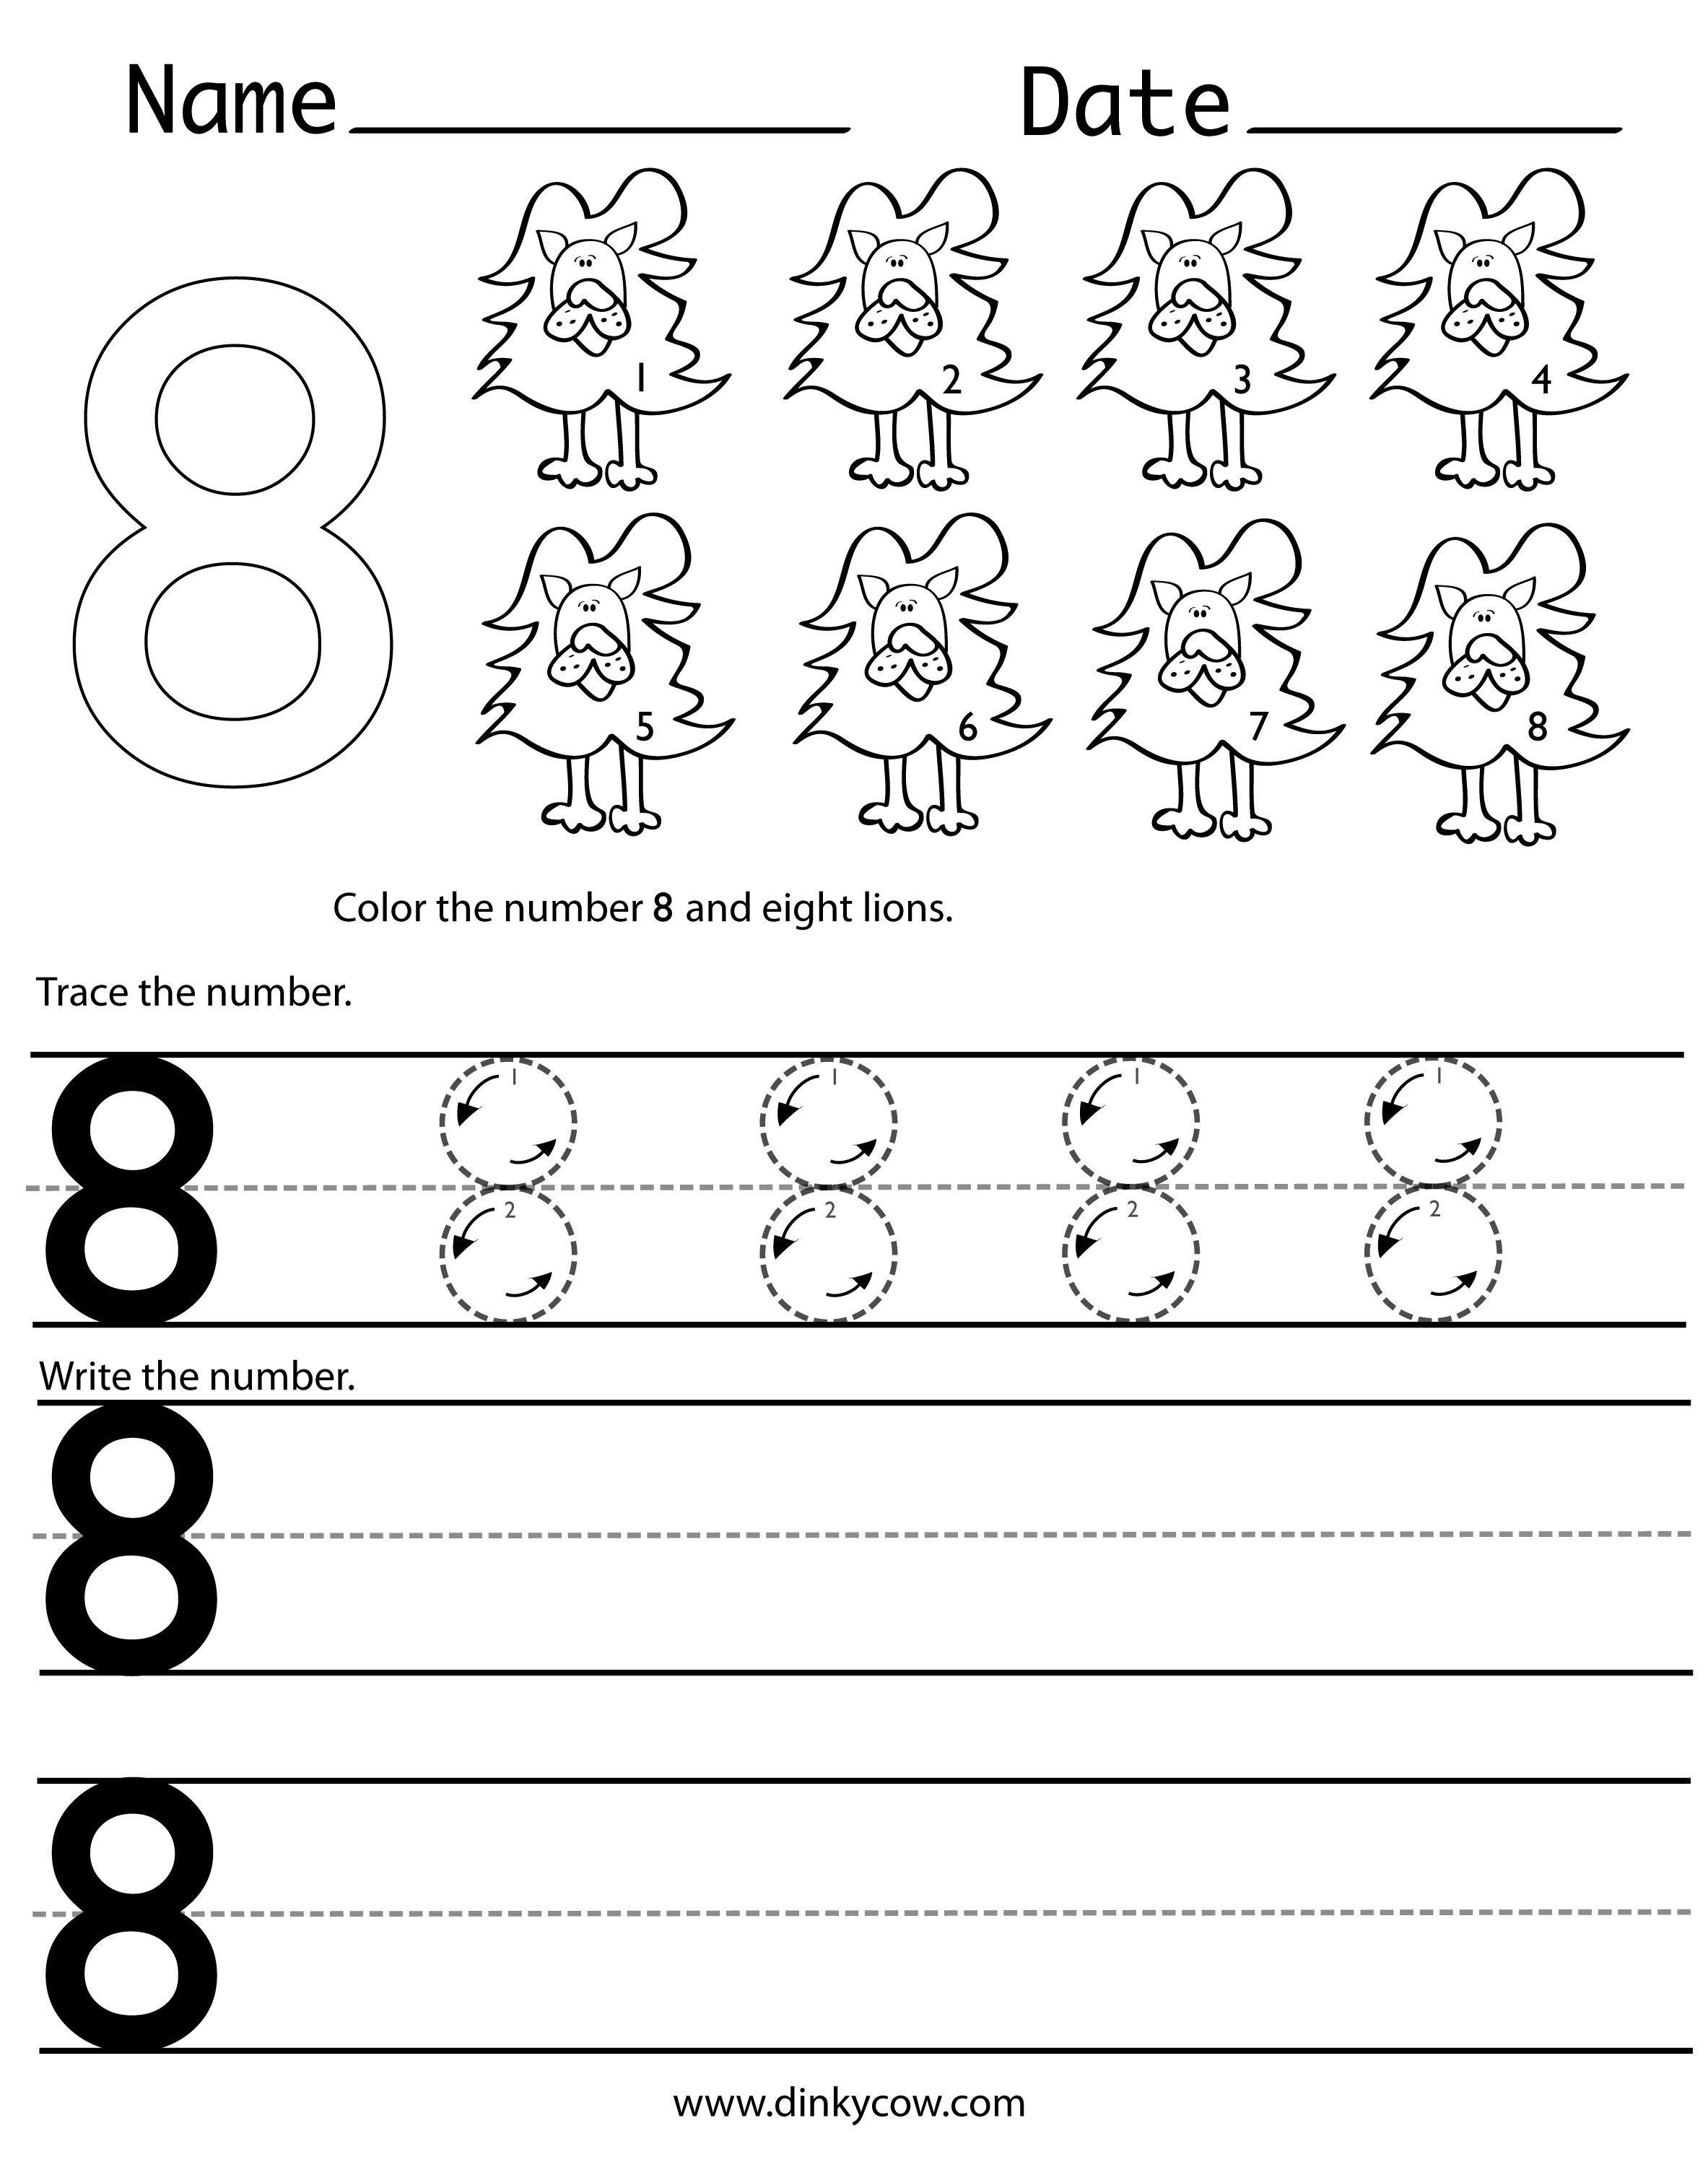 Number 8 Preschool Worksheets